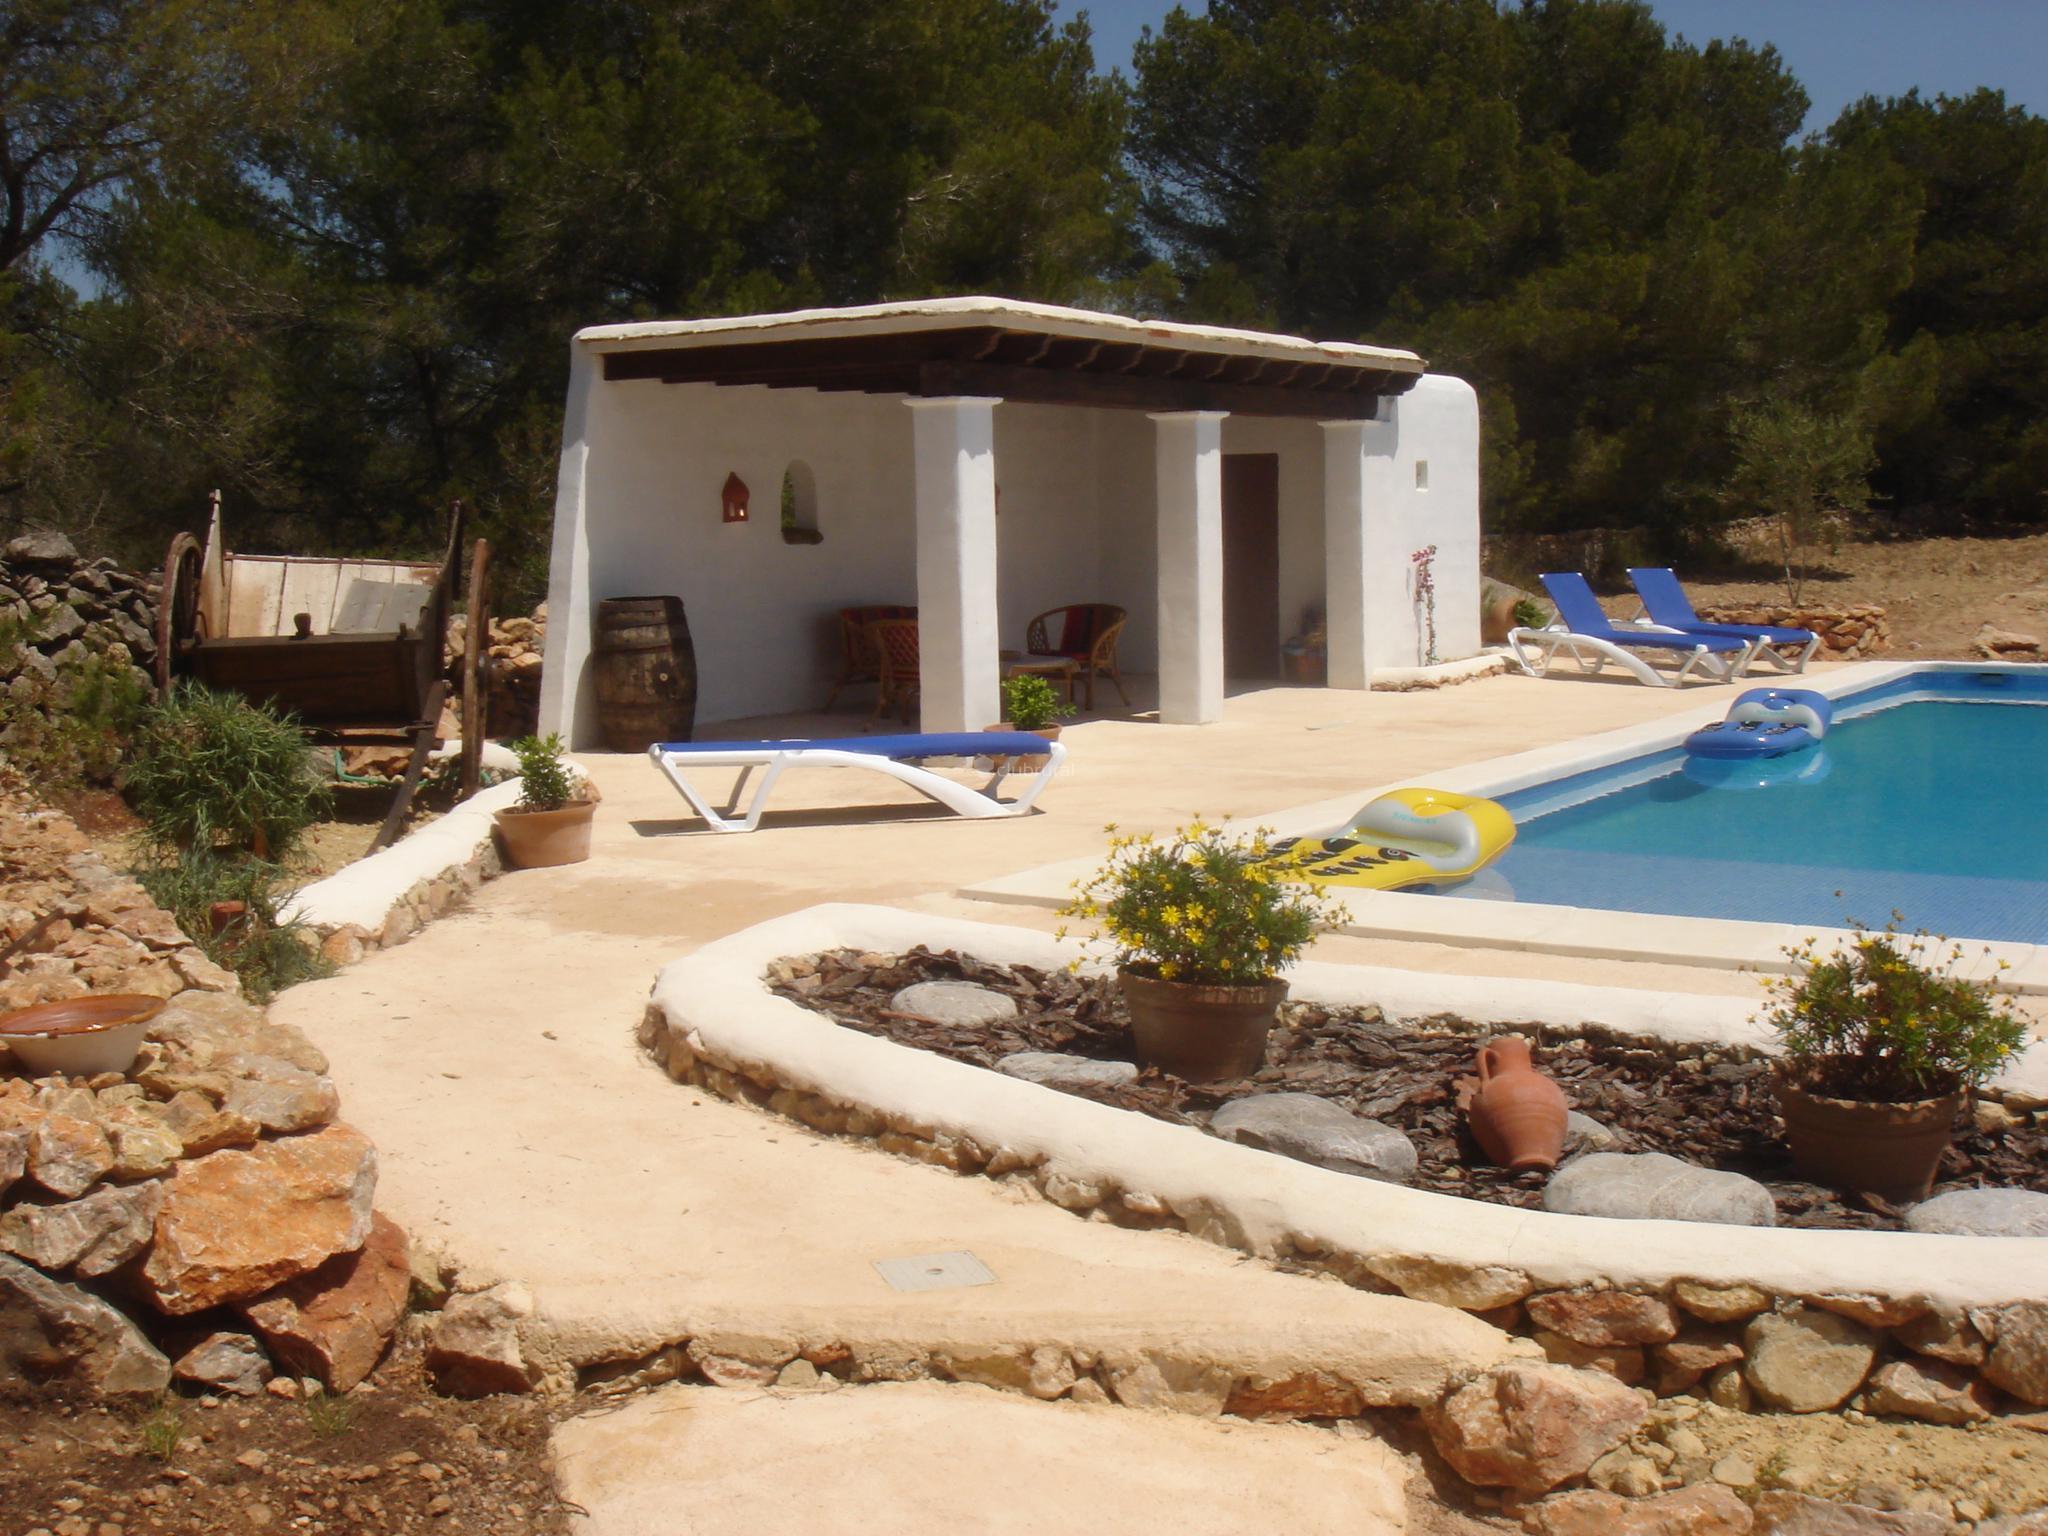 Fotos de samagatai ibiza santa gertrudis clubrural - Ibiza casas rurales ...